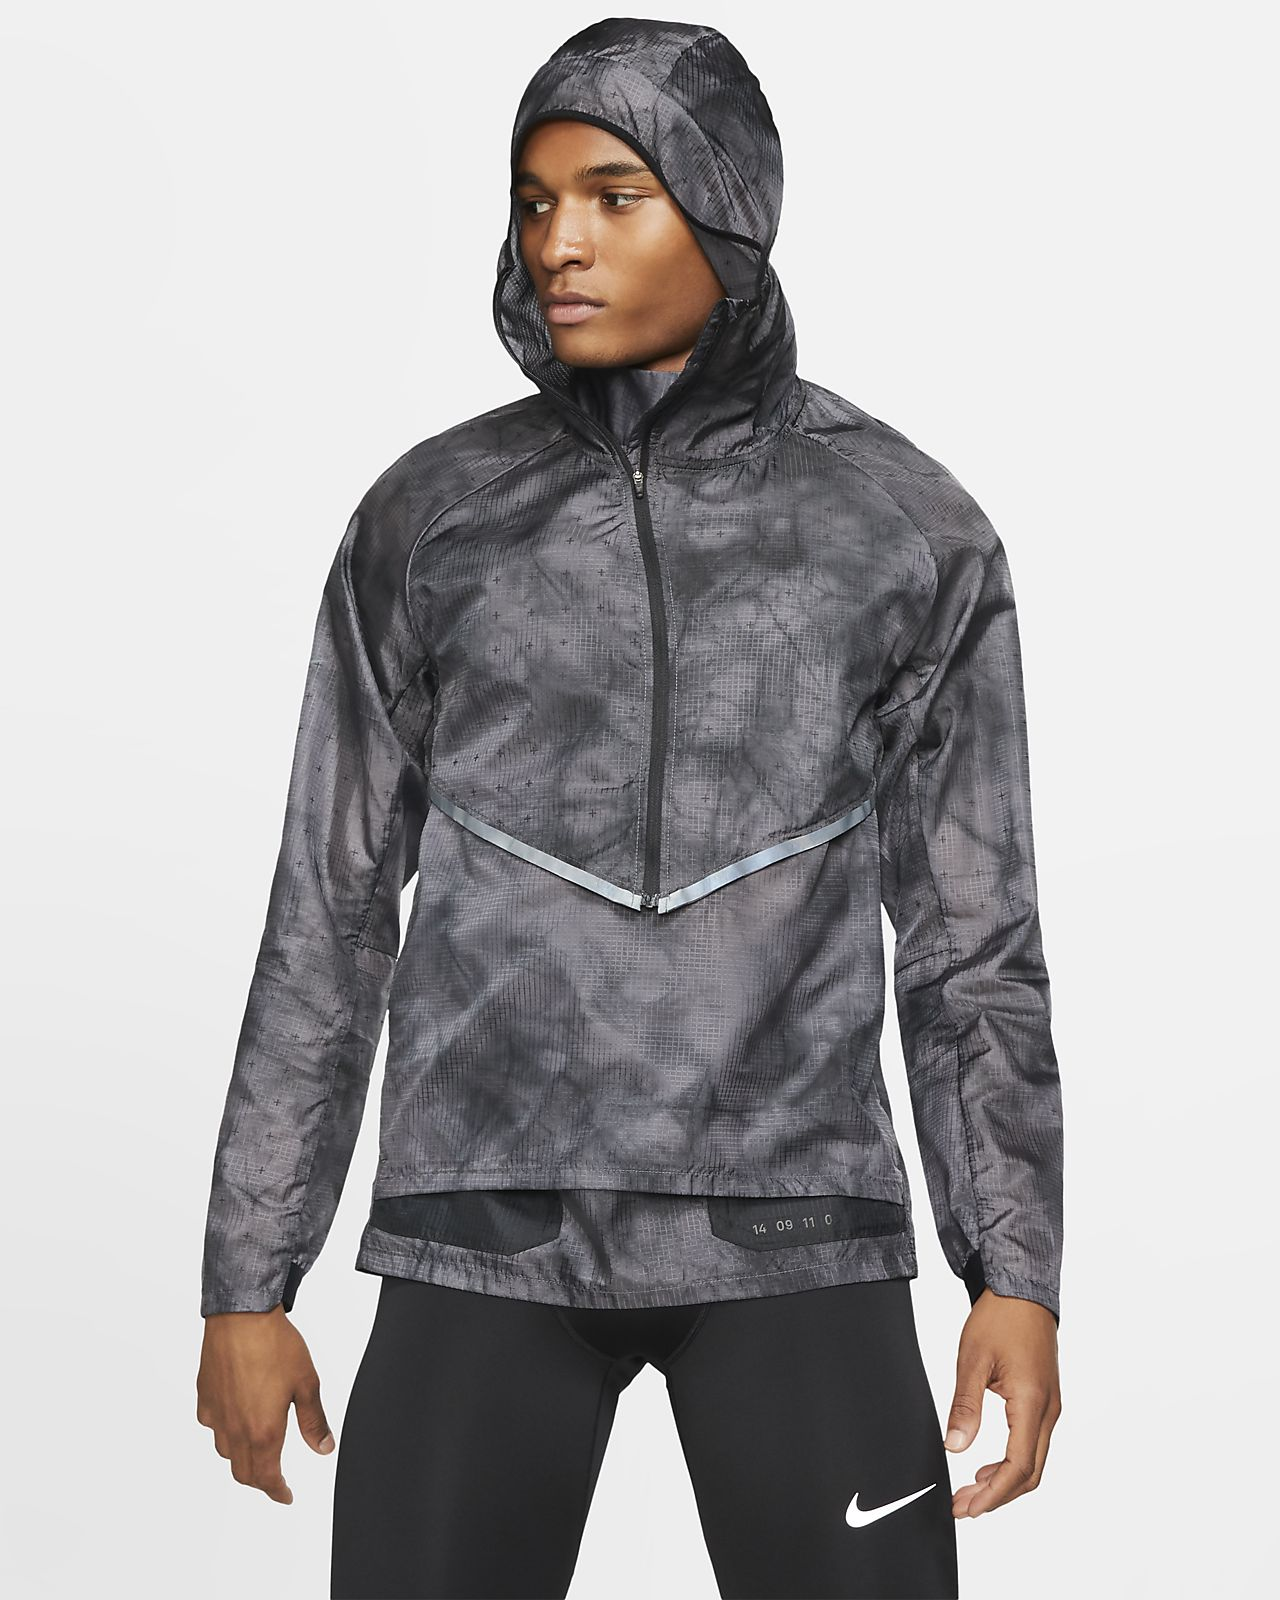 Giacca da running con cappuccio Nike Tech Pack - Uomo